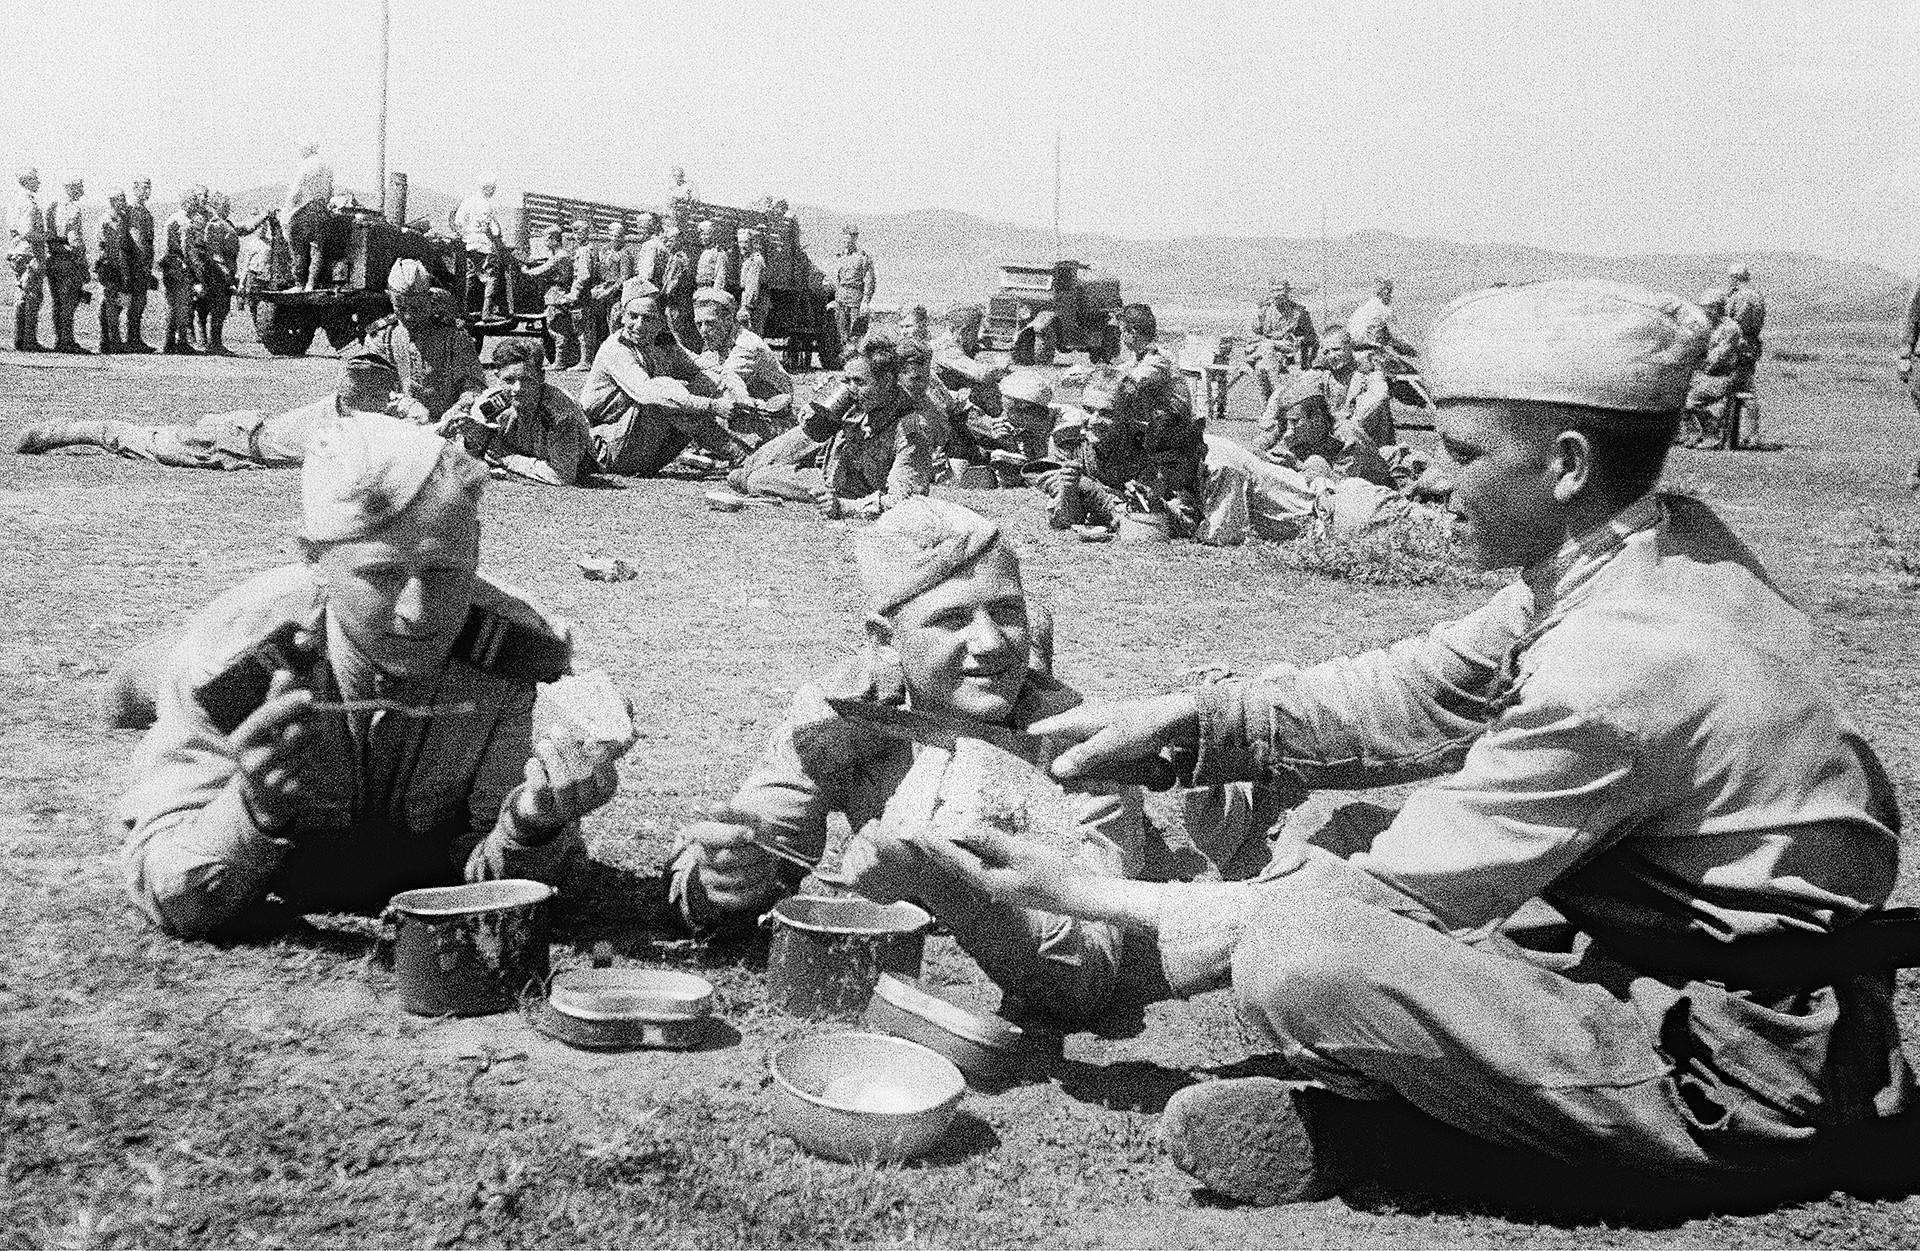 Vojaki na 3. ukrajinski fronti med večerjo.